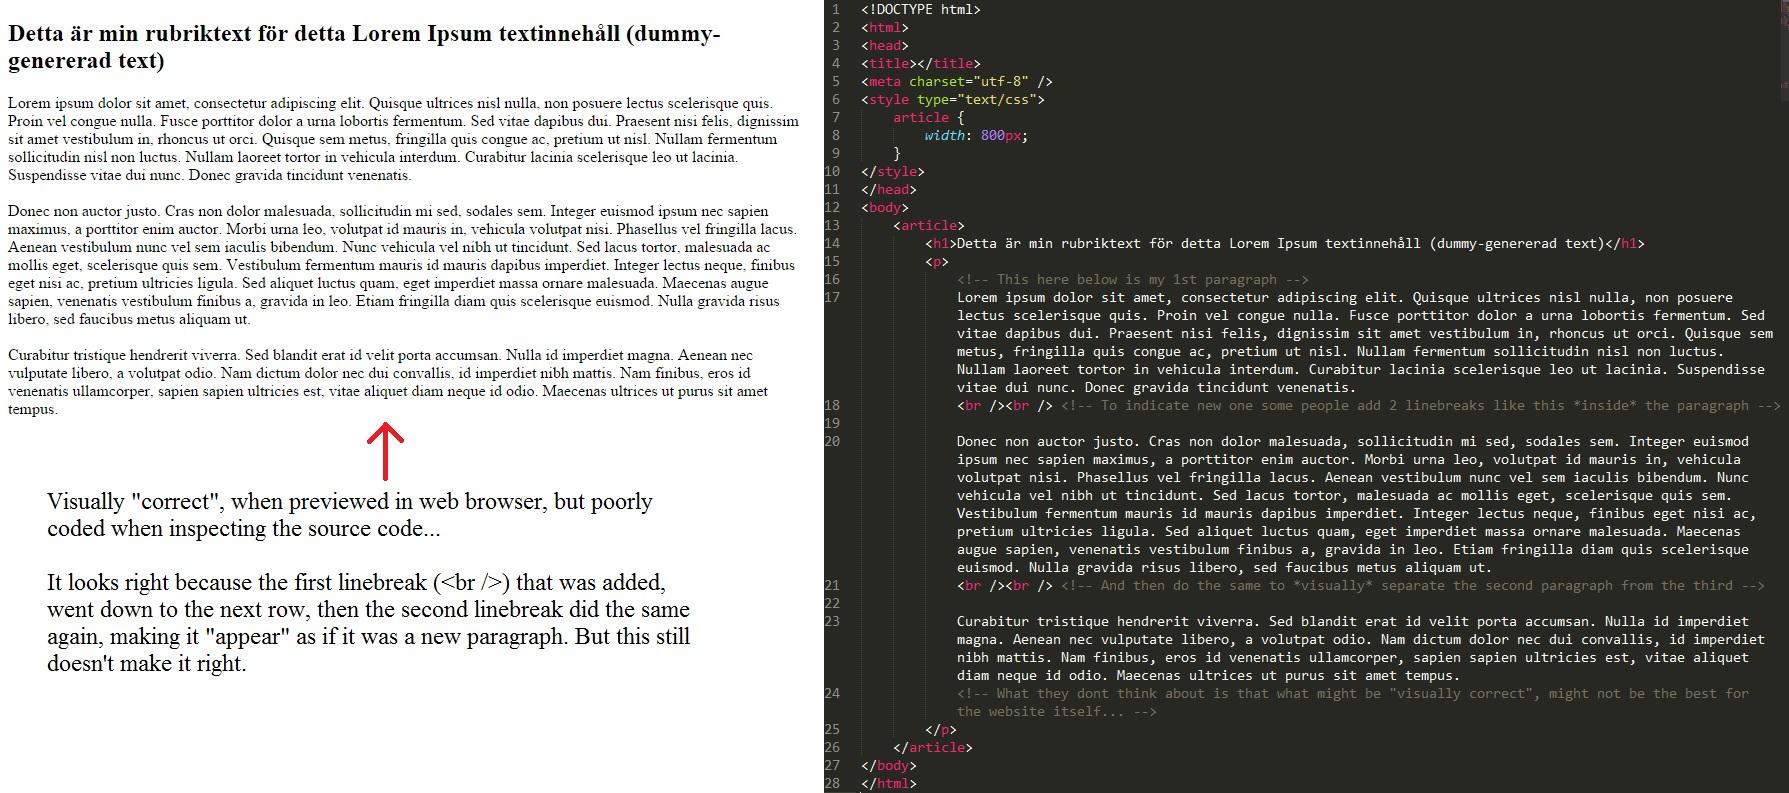 """Visuellt """"måhända korrekt"""", men fortfarande väldigt dåligt och felaktigt* kodade paragrafer."""